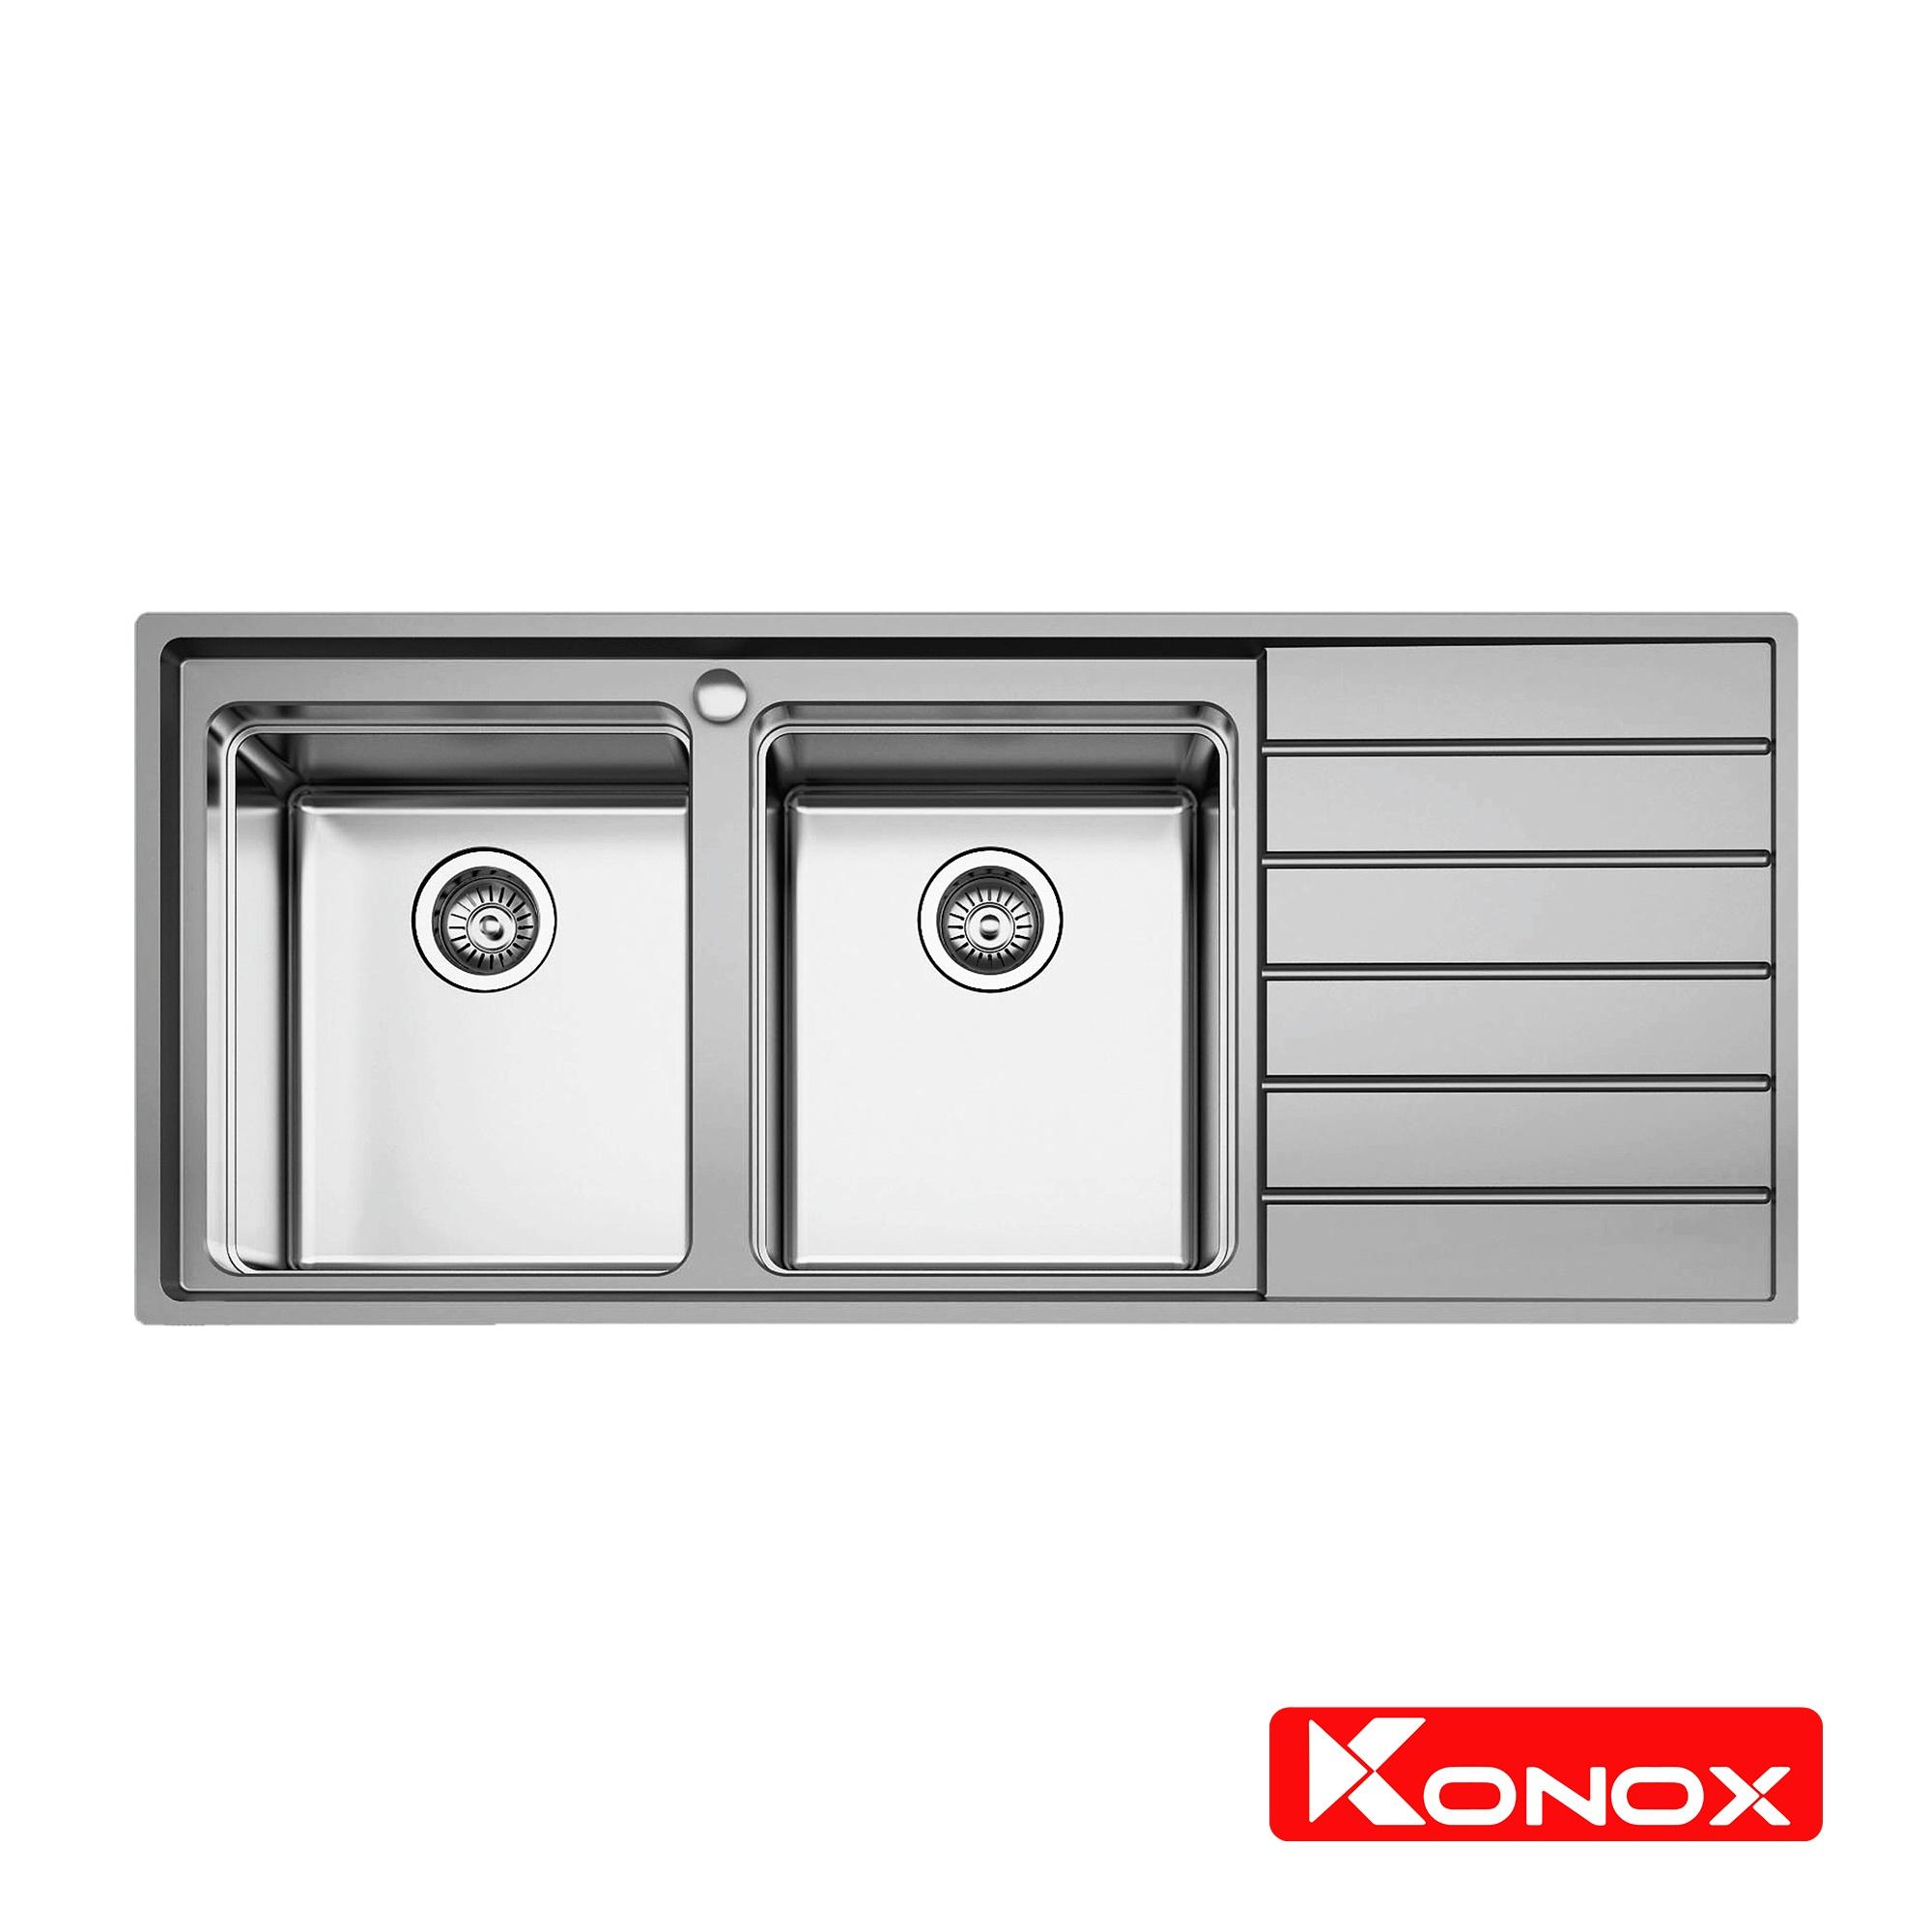 Chậu rửa Konox có bàn chờ - Premium KS11650 2B